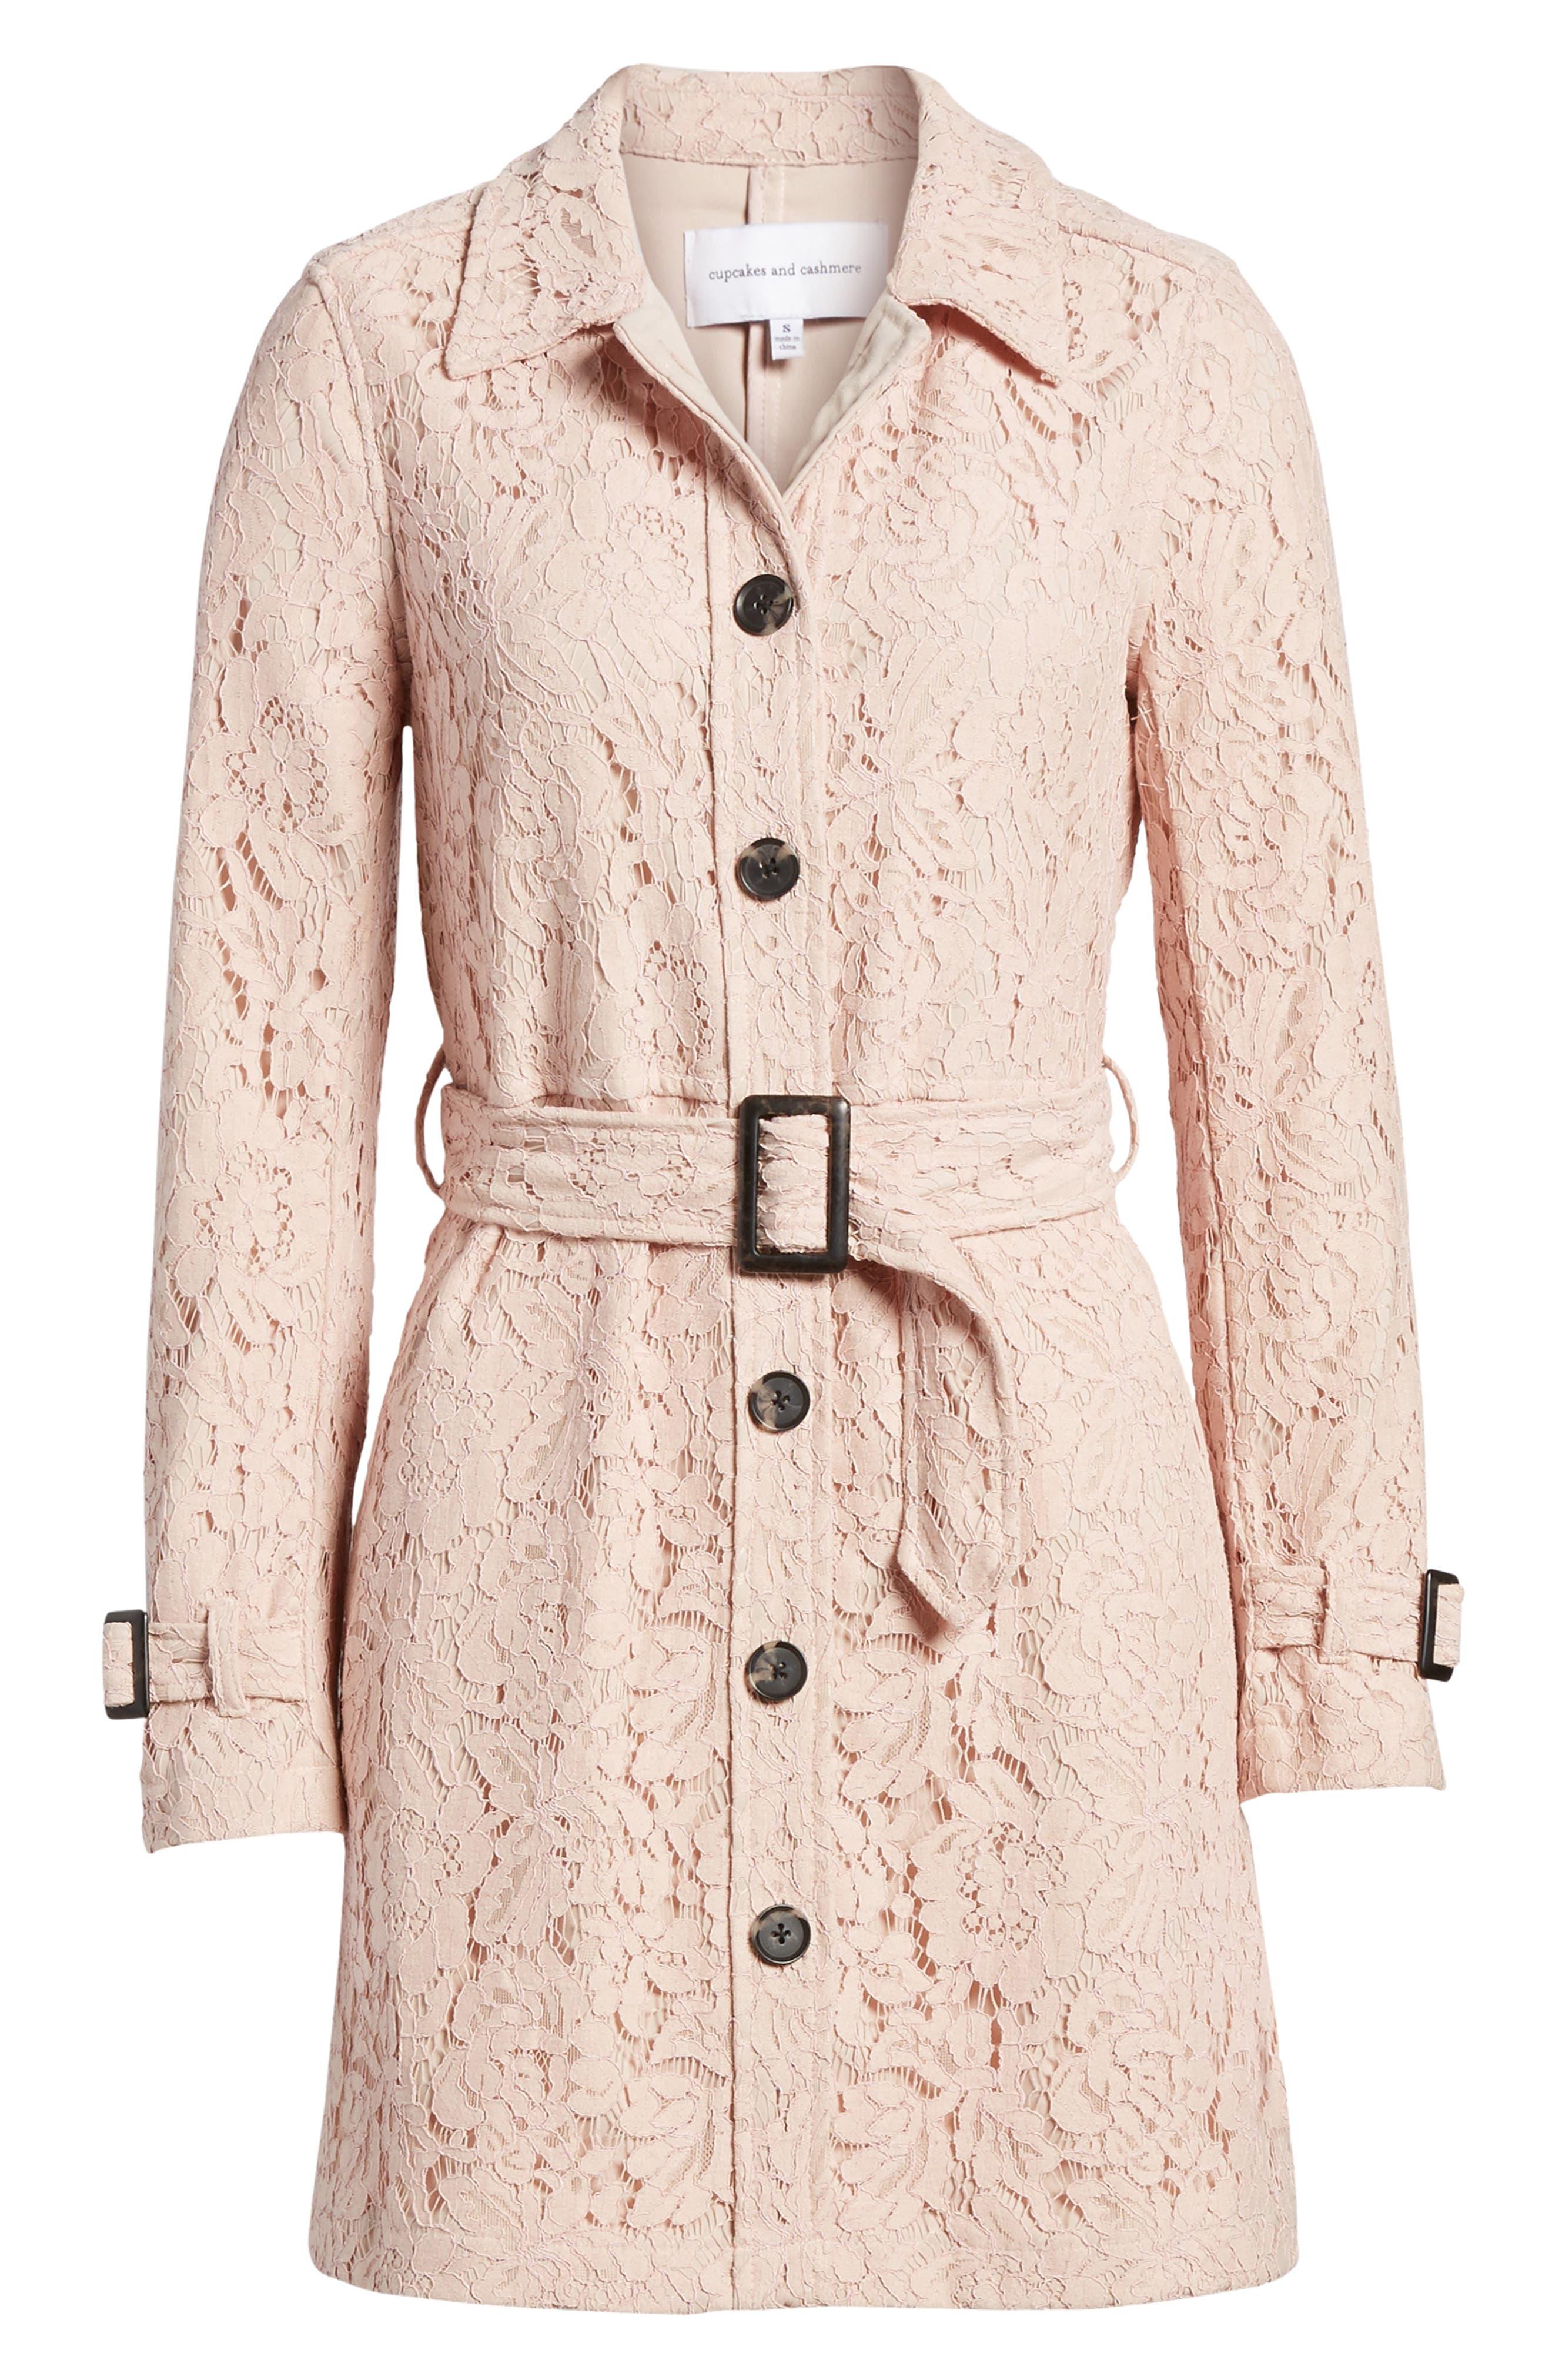 Auretta Lace Trench Coat,                             Alternate thumbnail 7, color,                             Pale Pink